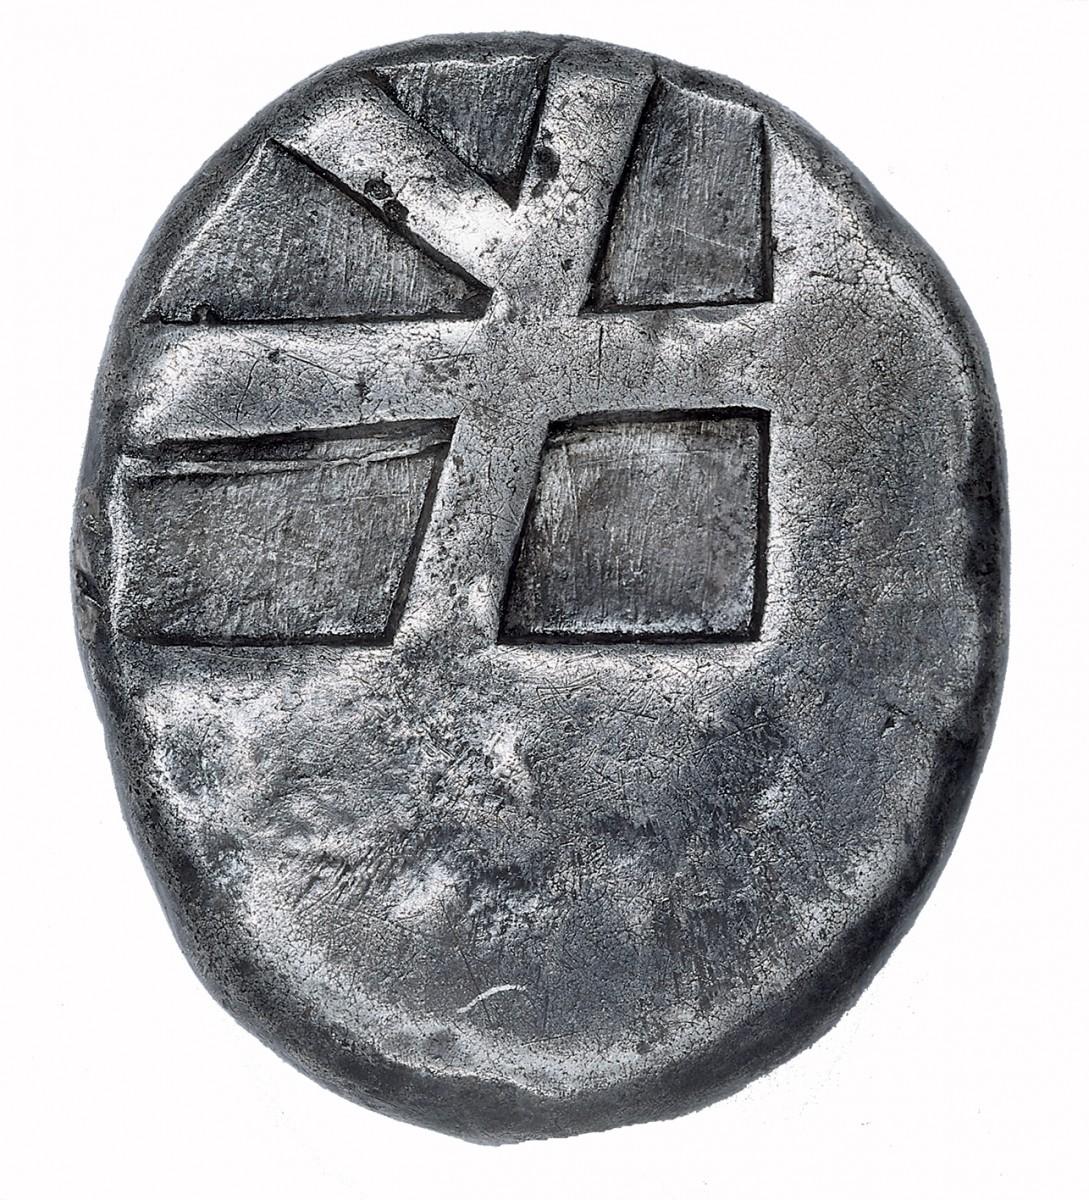 Στατήρ Αιγίνης, Νομισματικό Μουσείο Αθηνών